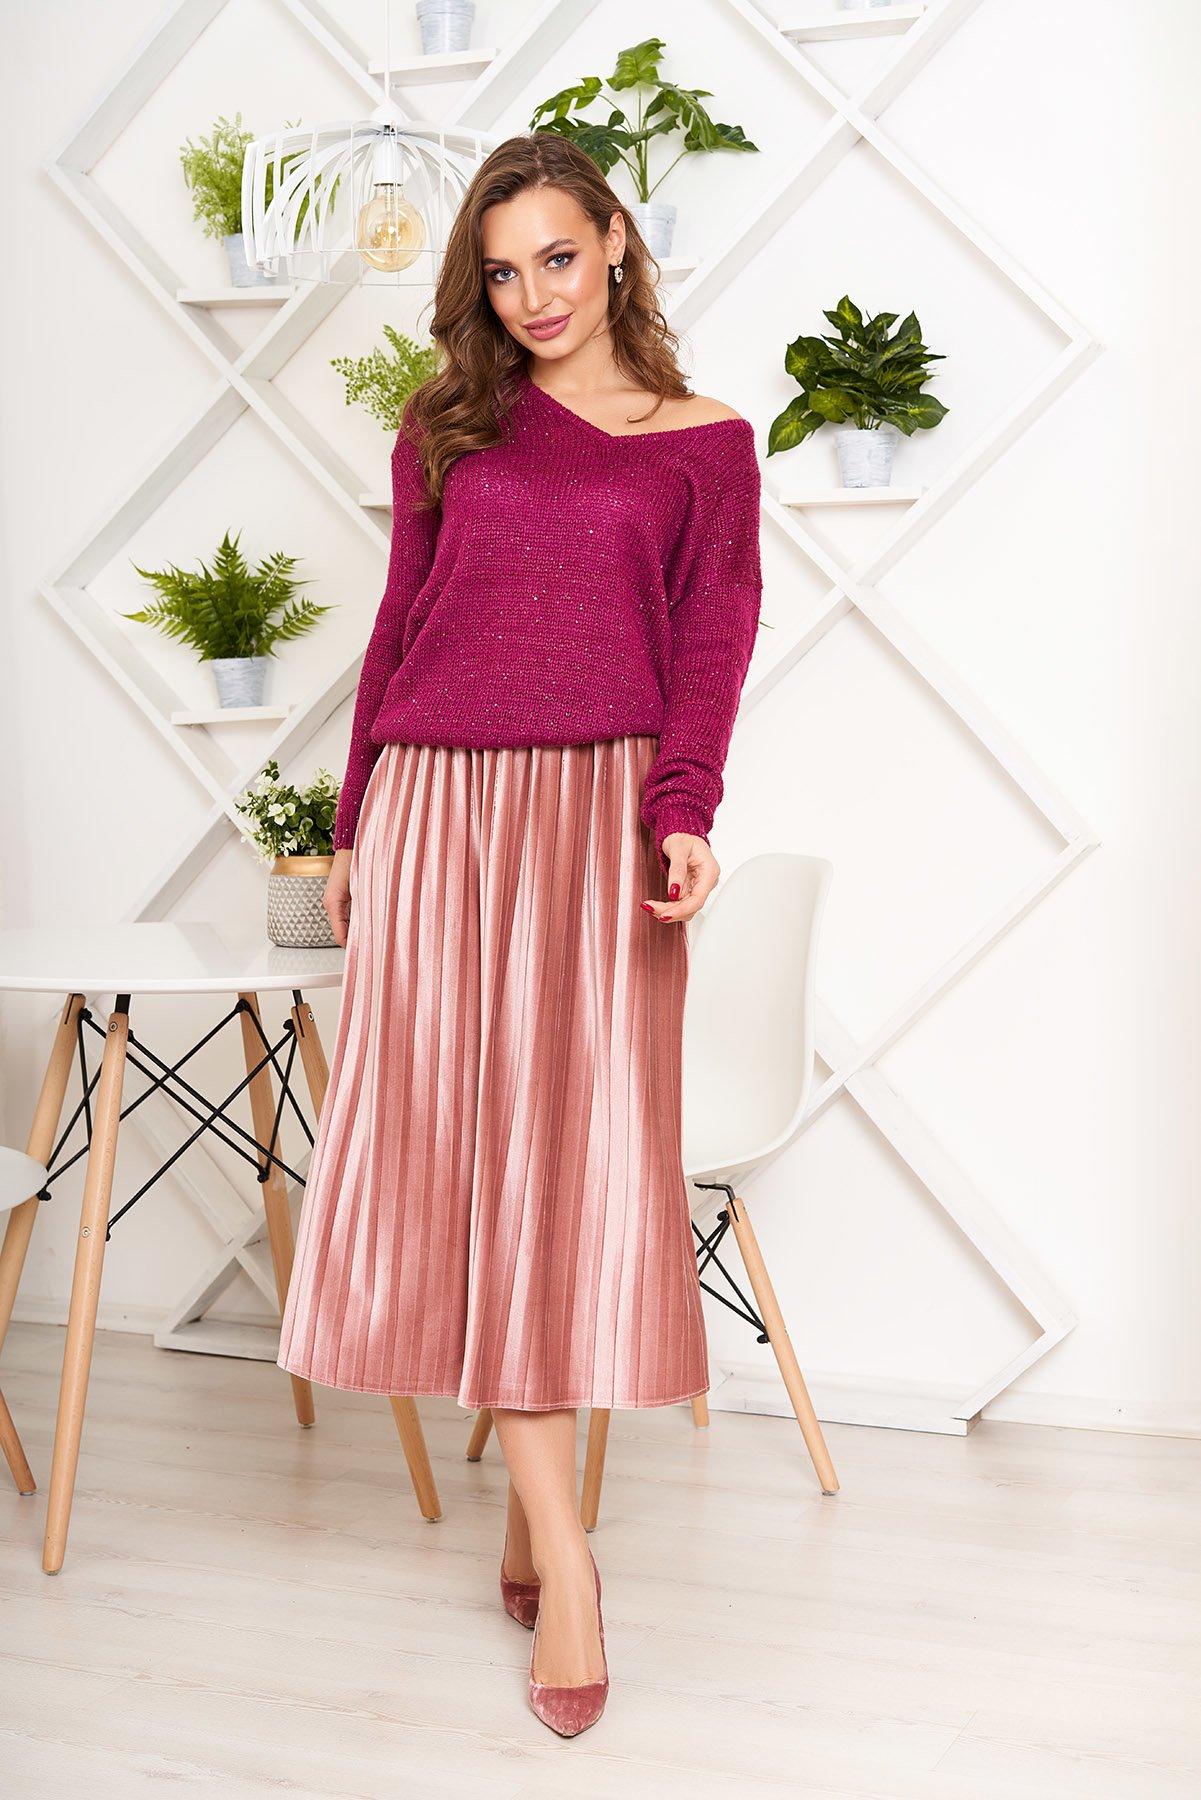 477cedefa66 Розовая юбка L-170 - купить недорого — Donna Bella - А-L170-2-44